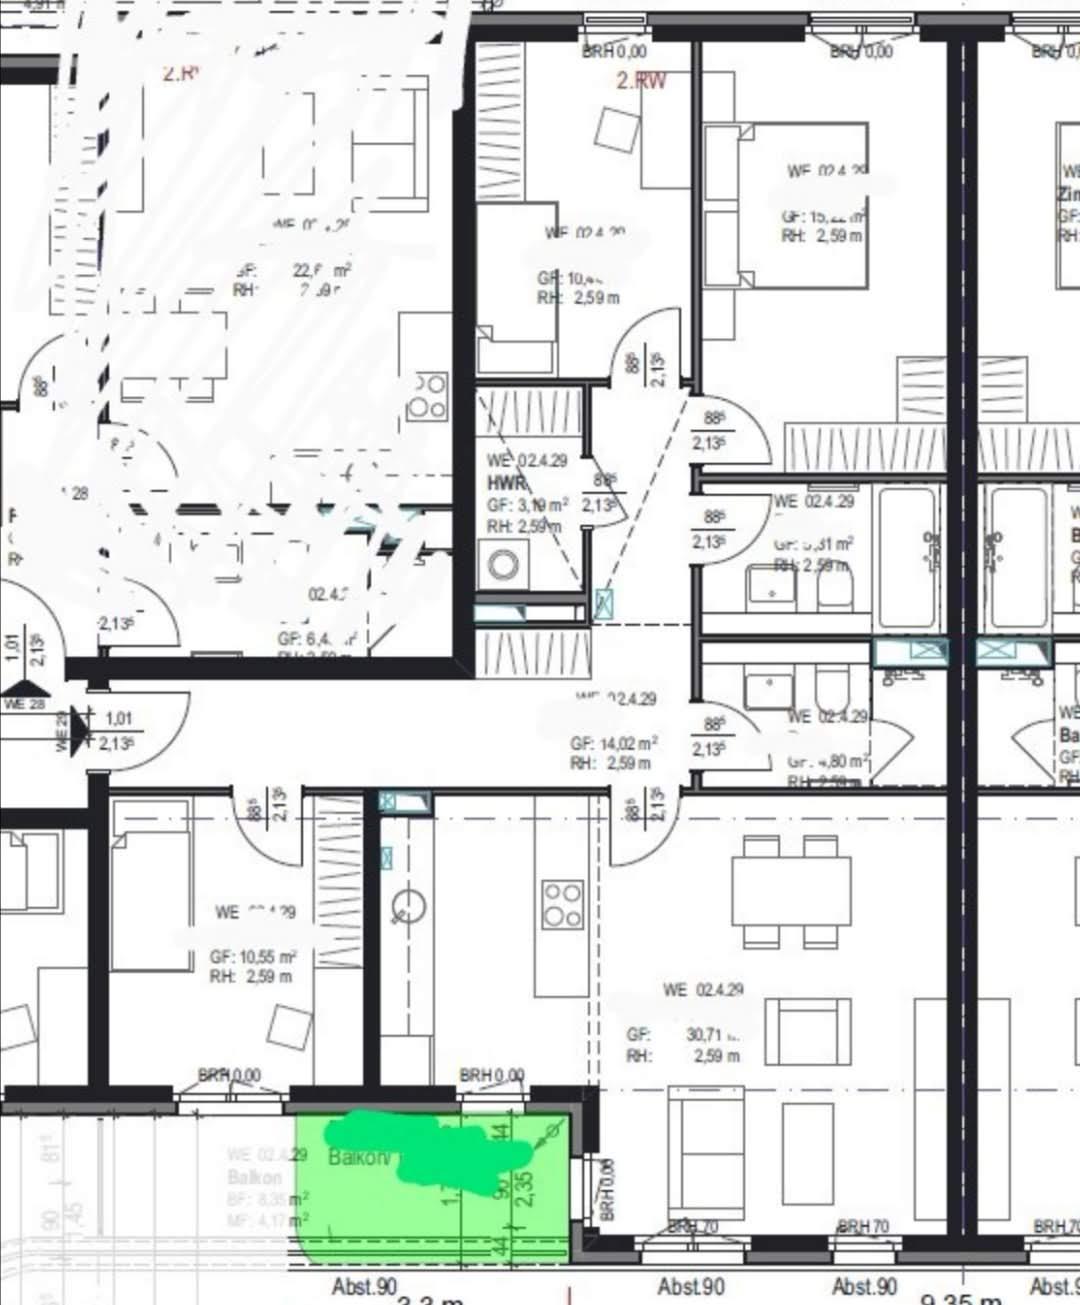 Náš nový byt v novostavbě - Obrázek č. 2